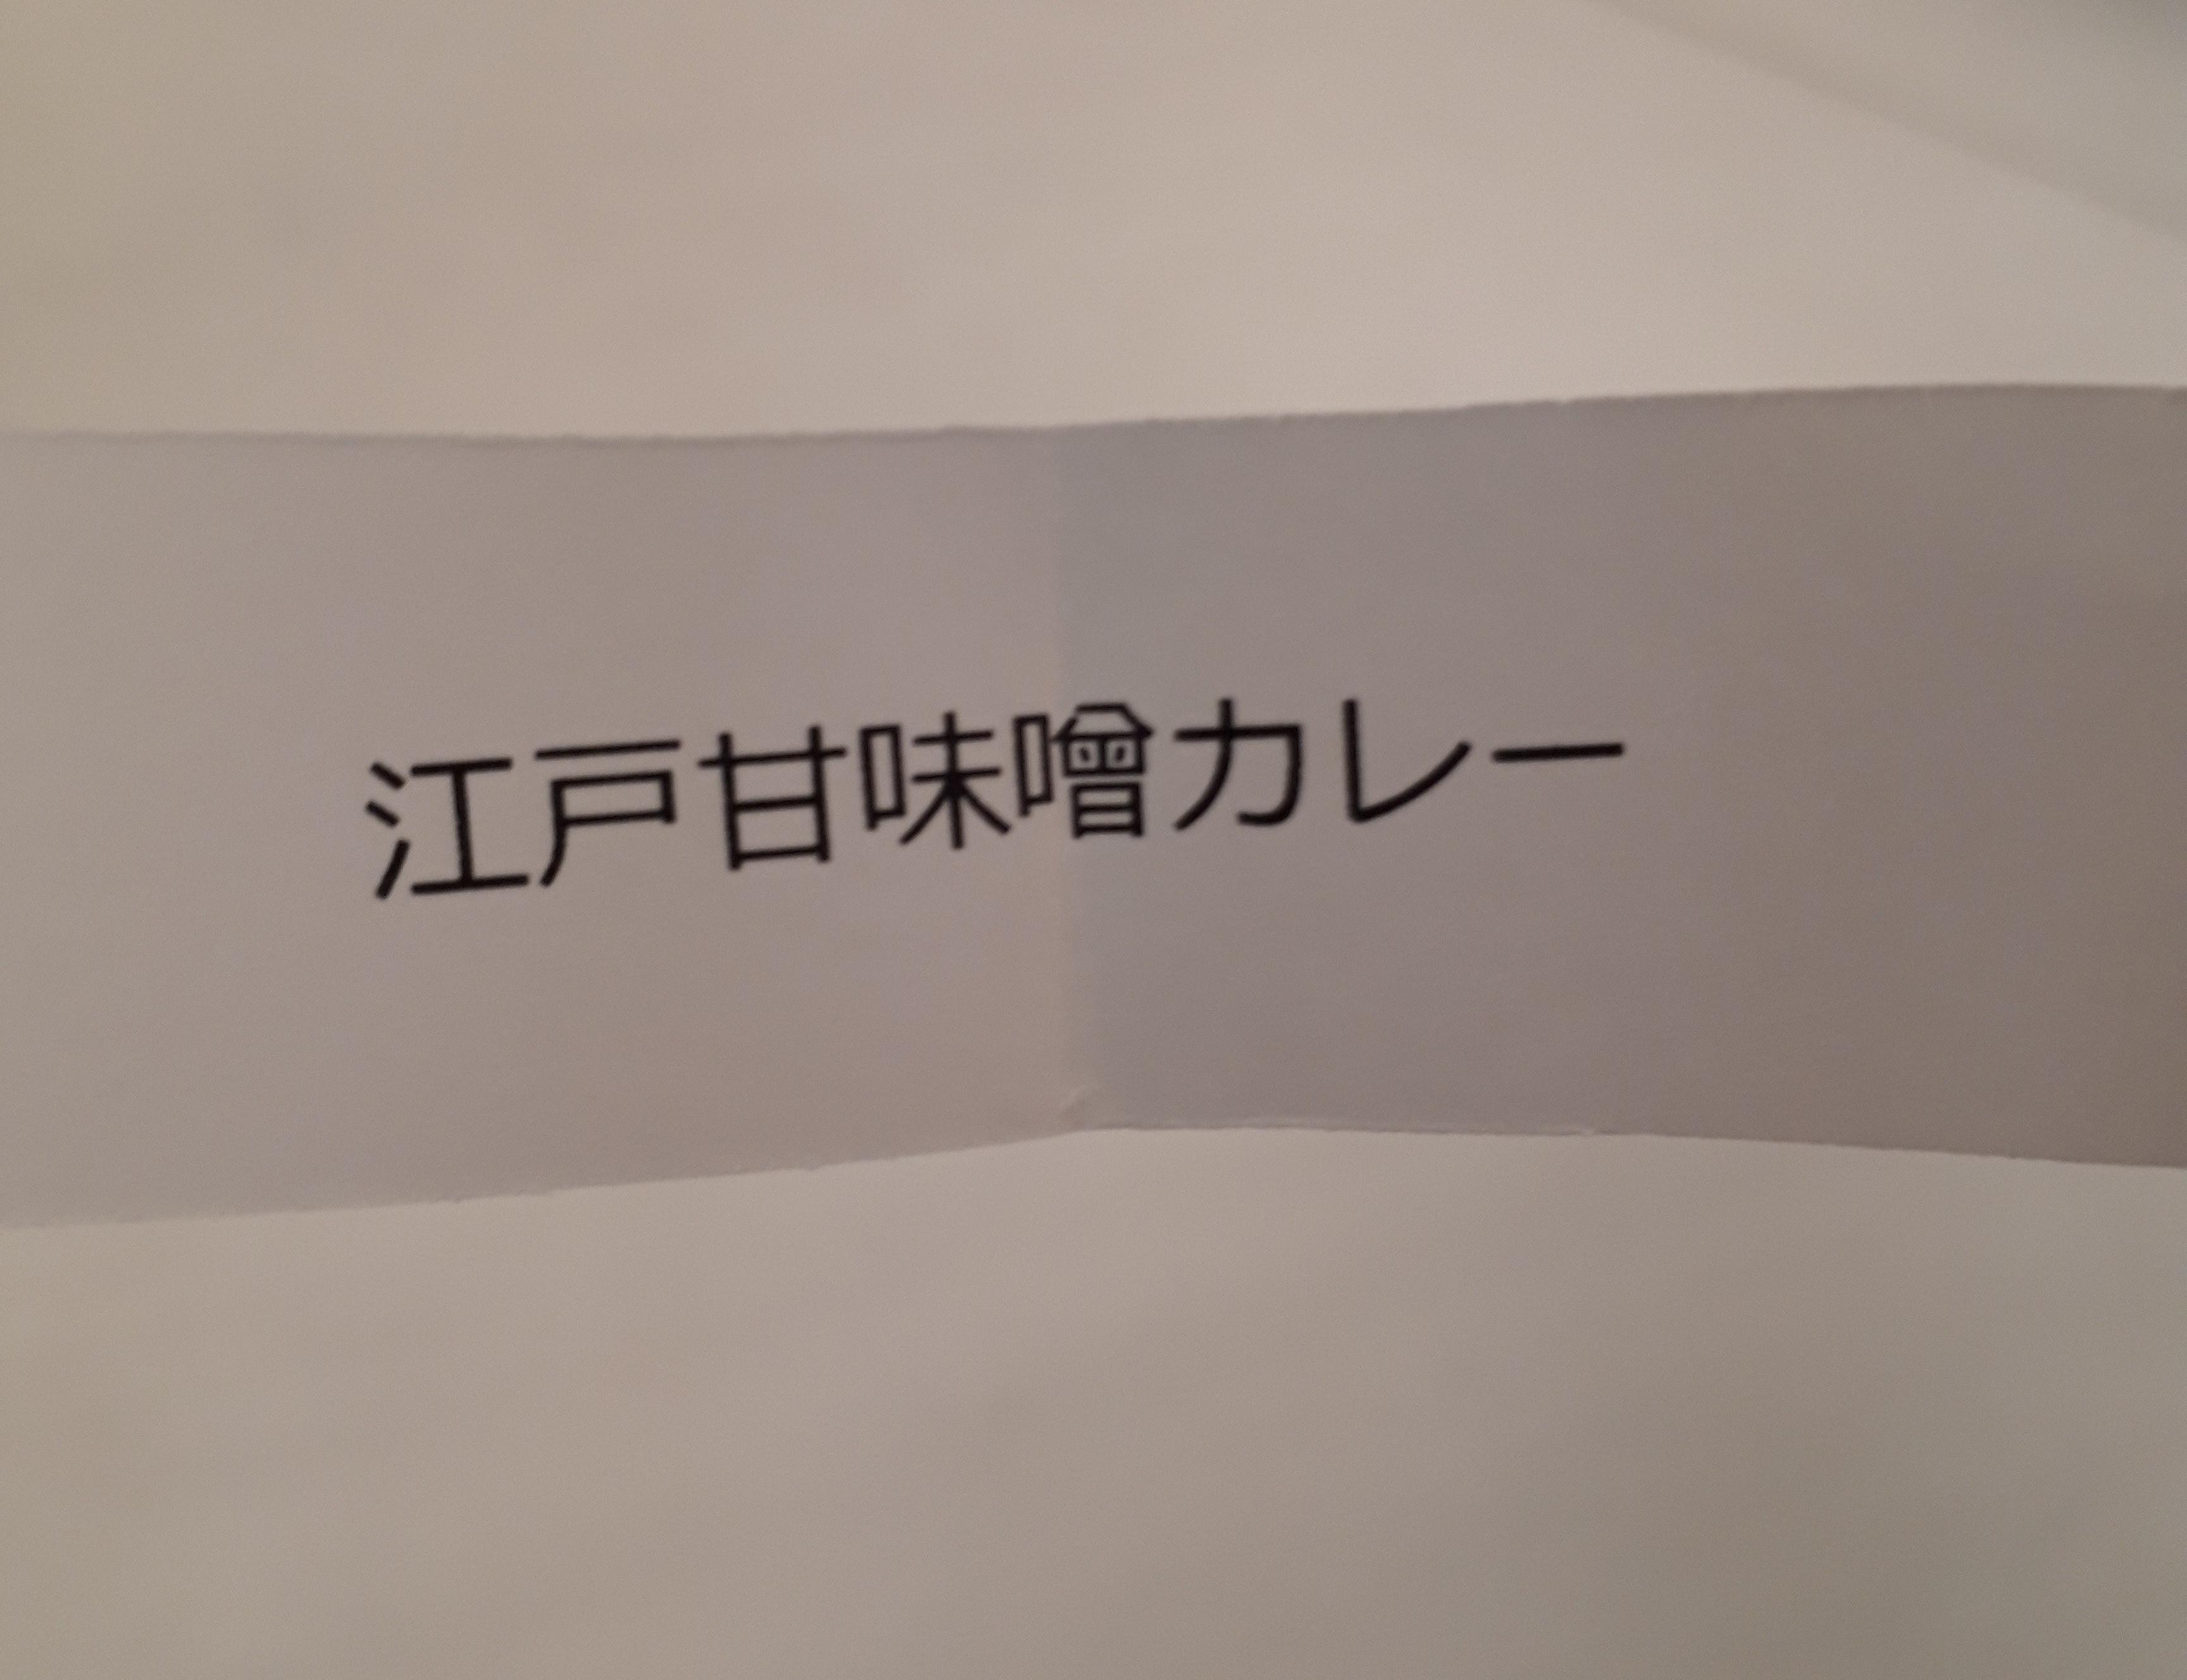 くじ引き.jpg